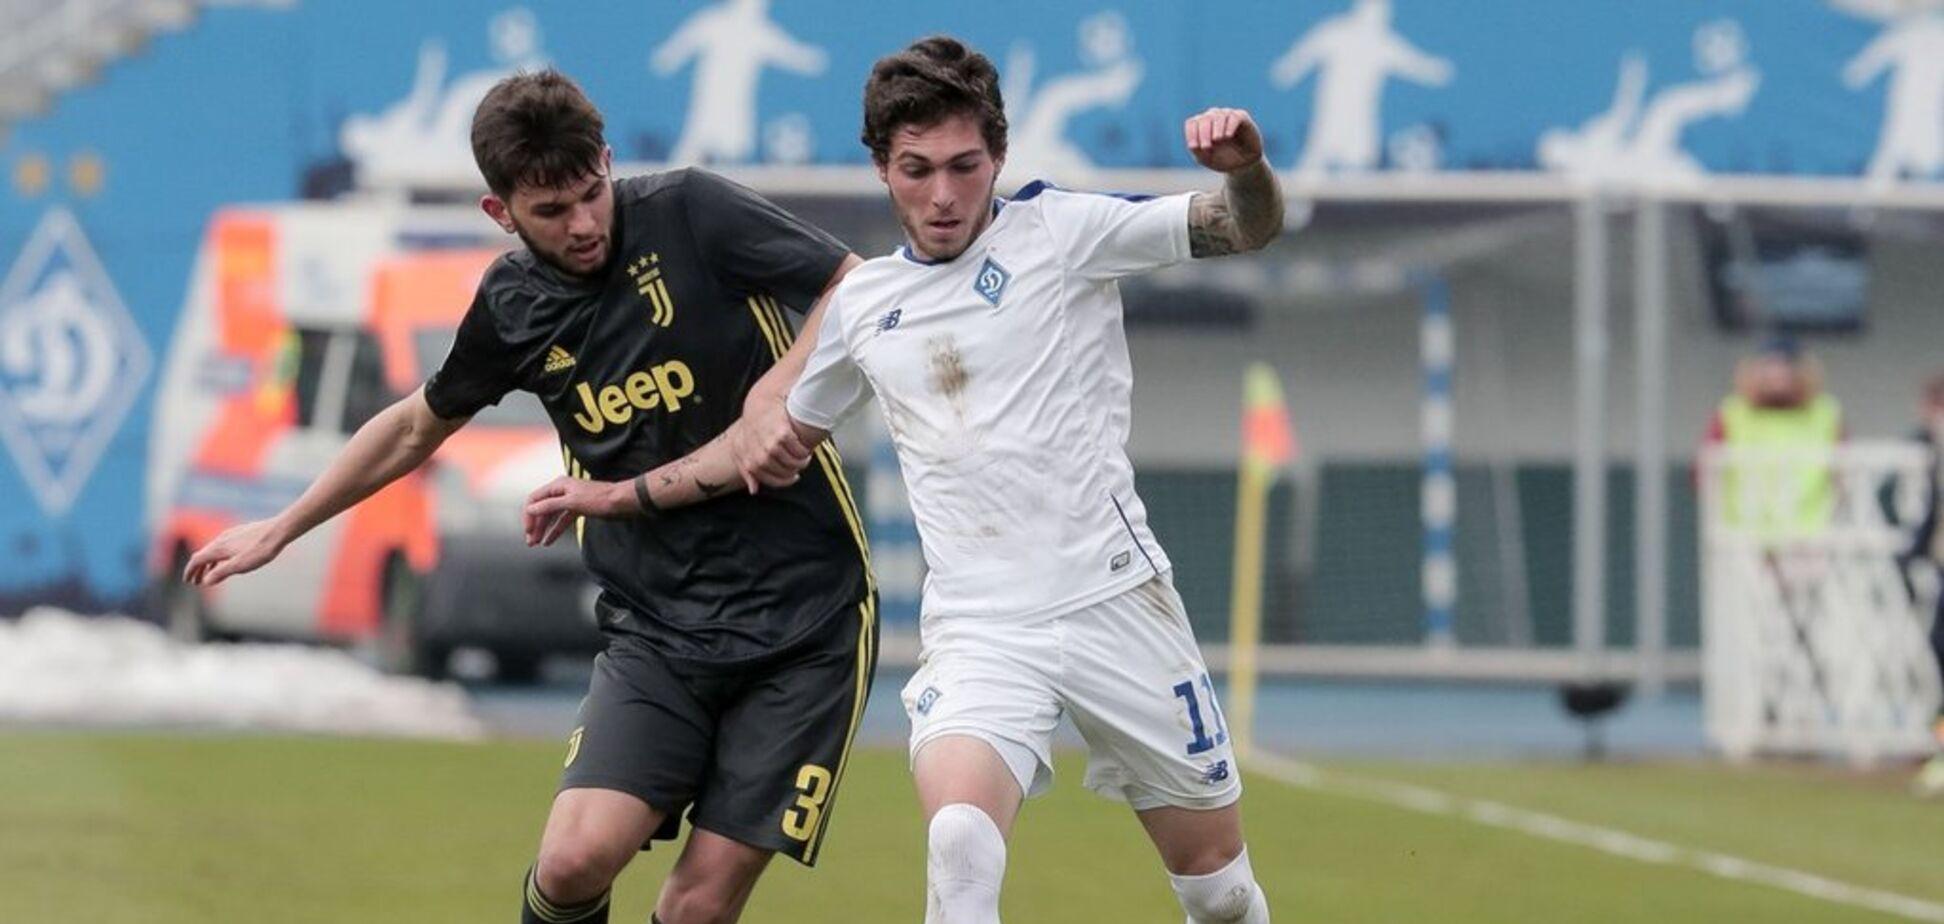 Визначилися суперники 'Динамо' в плей-оф Юнацької ліги УЄФА